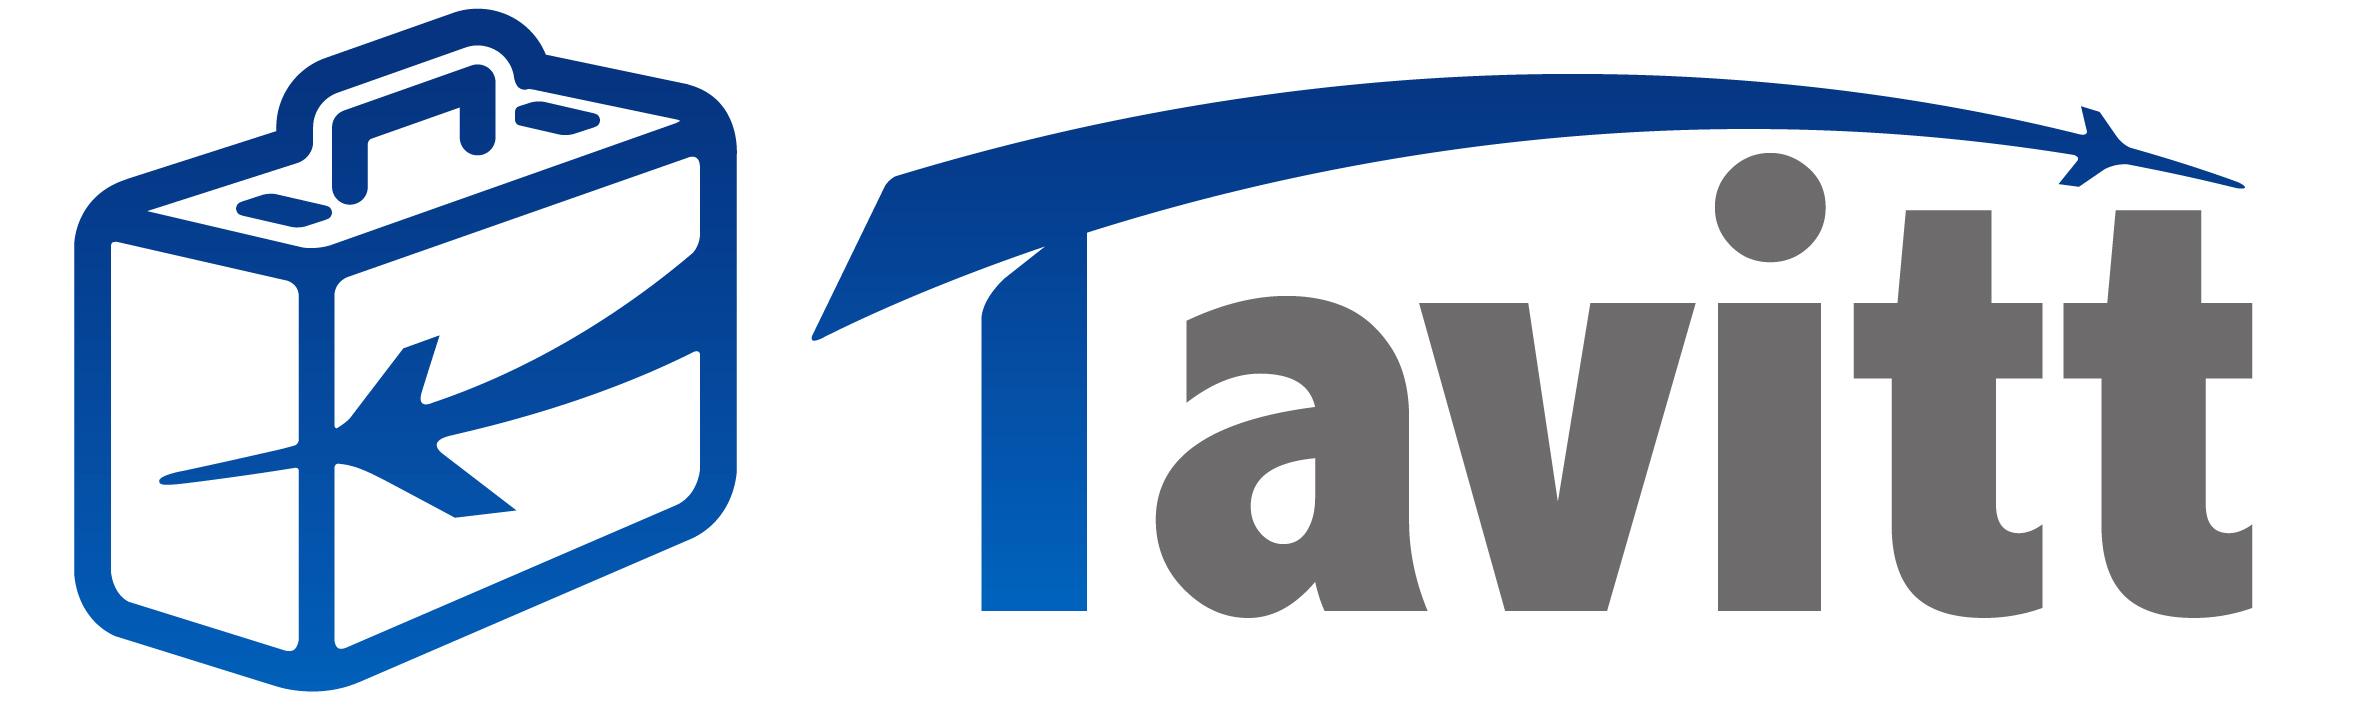 Tavitt 金融庁 日本居住者 ICO 購入 不可